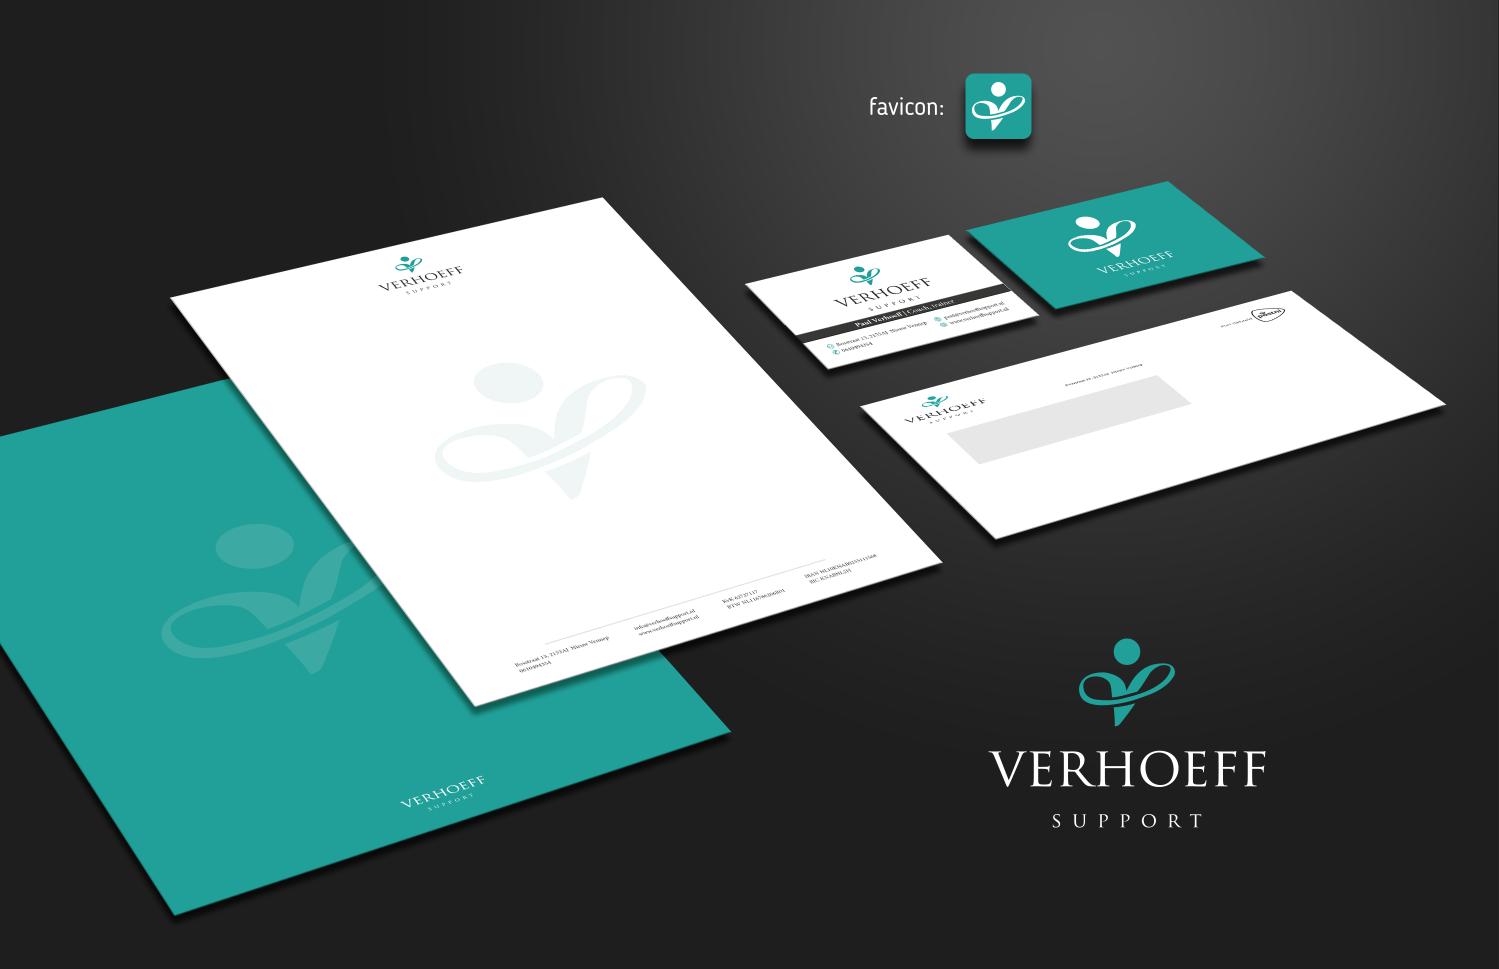 verhoeff-support